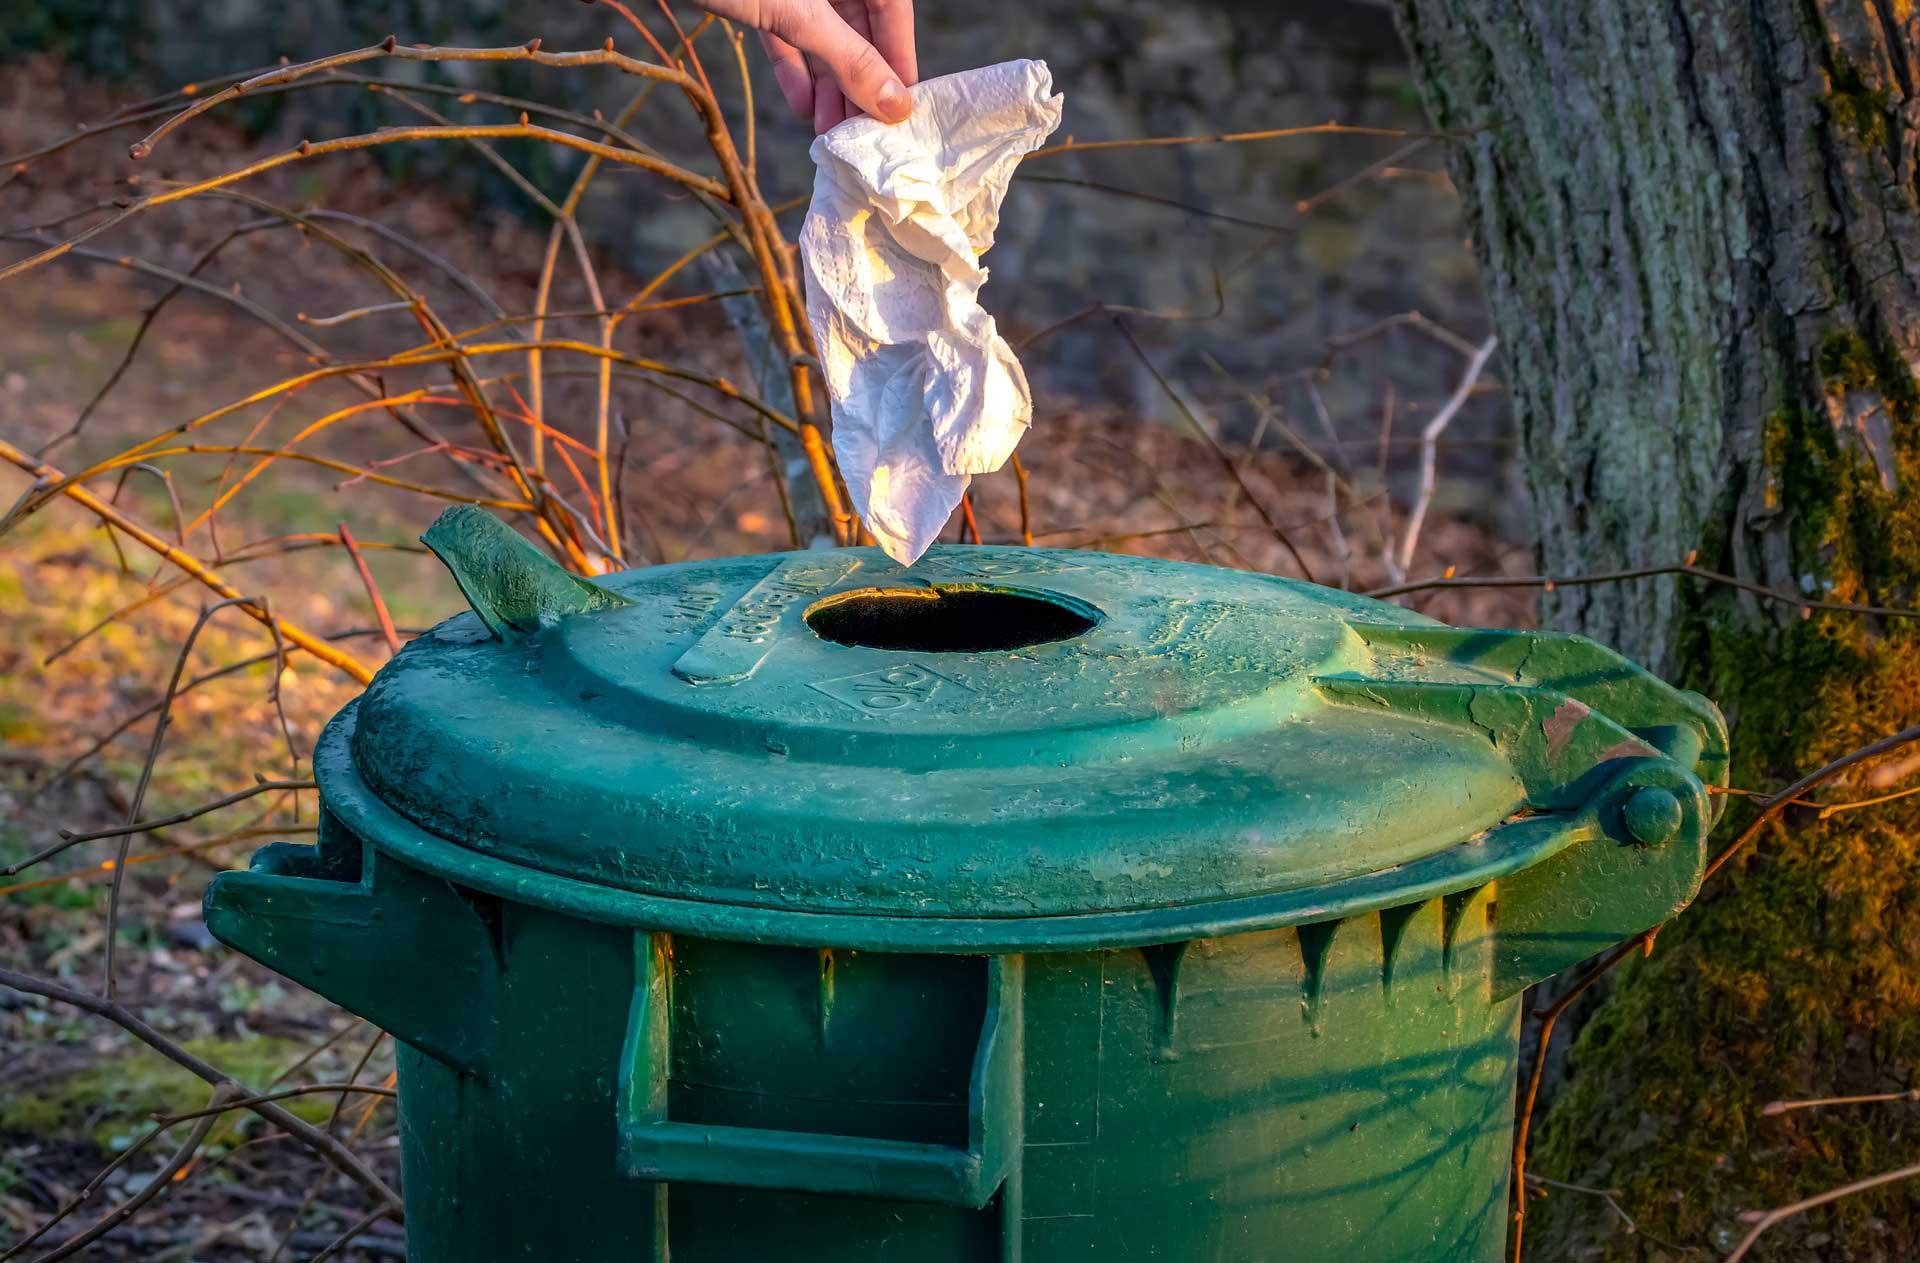 Vies doekje in afvalbak